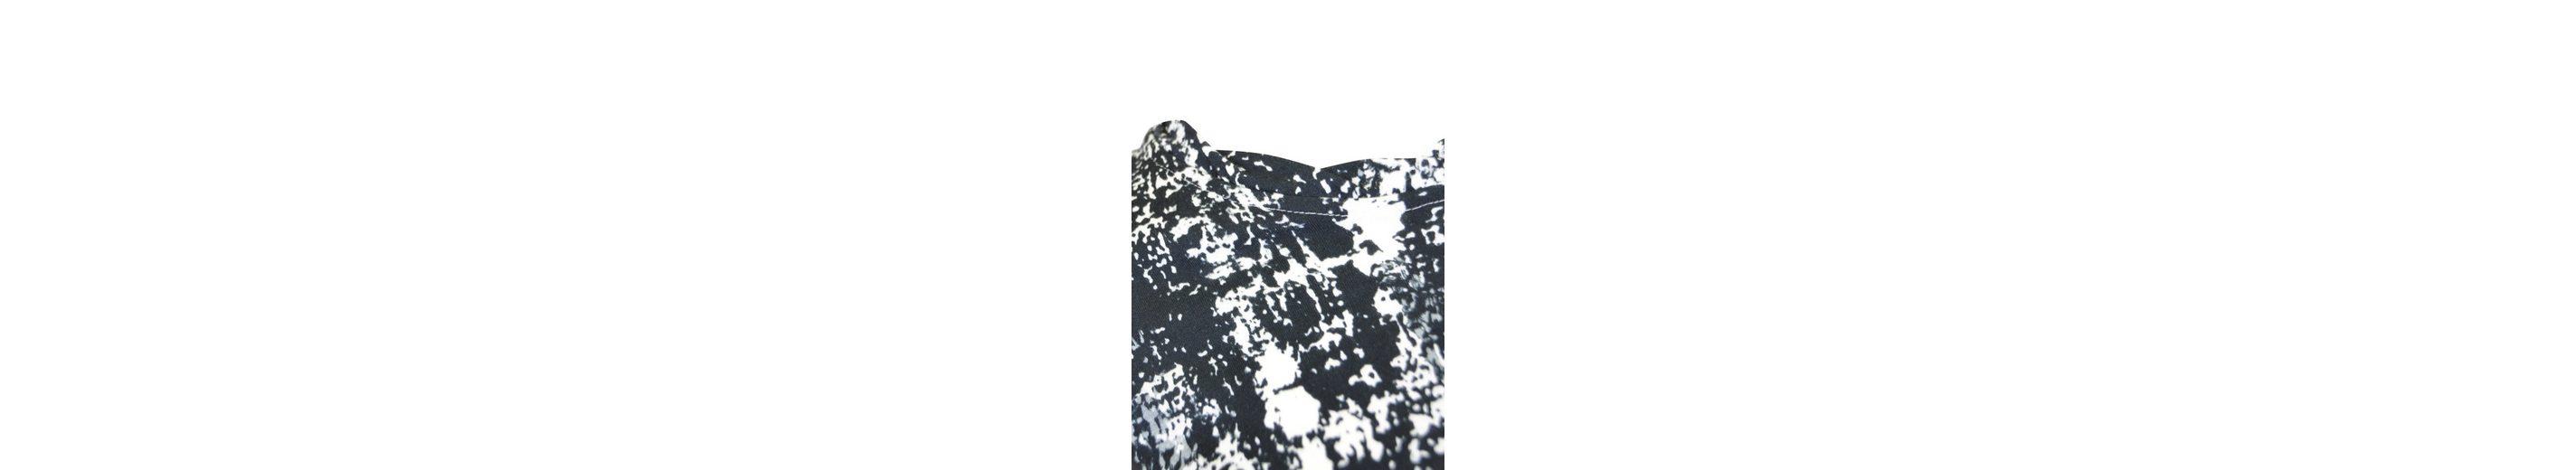 NAVIGAZIONE Rundhalsshirt, weiche Qualität, Figurbetont